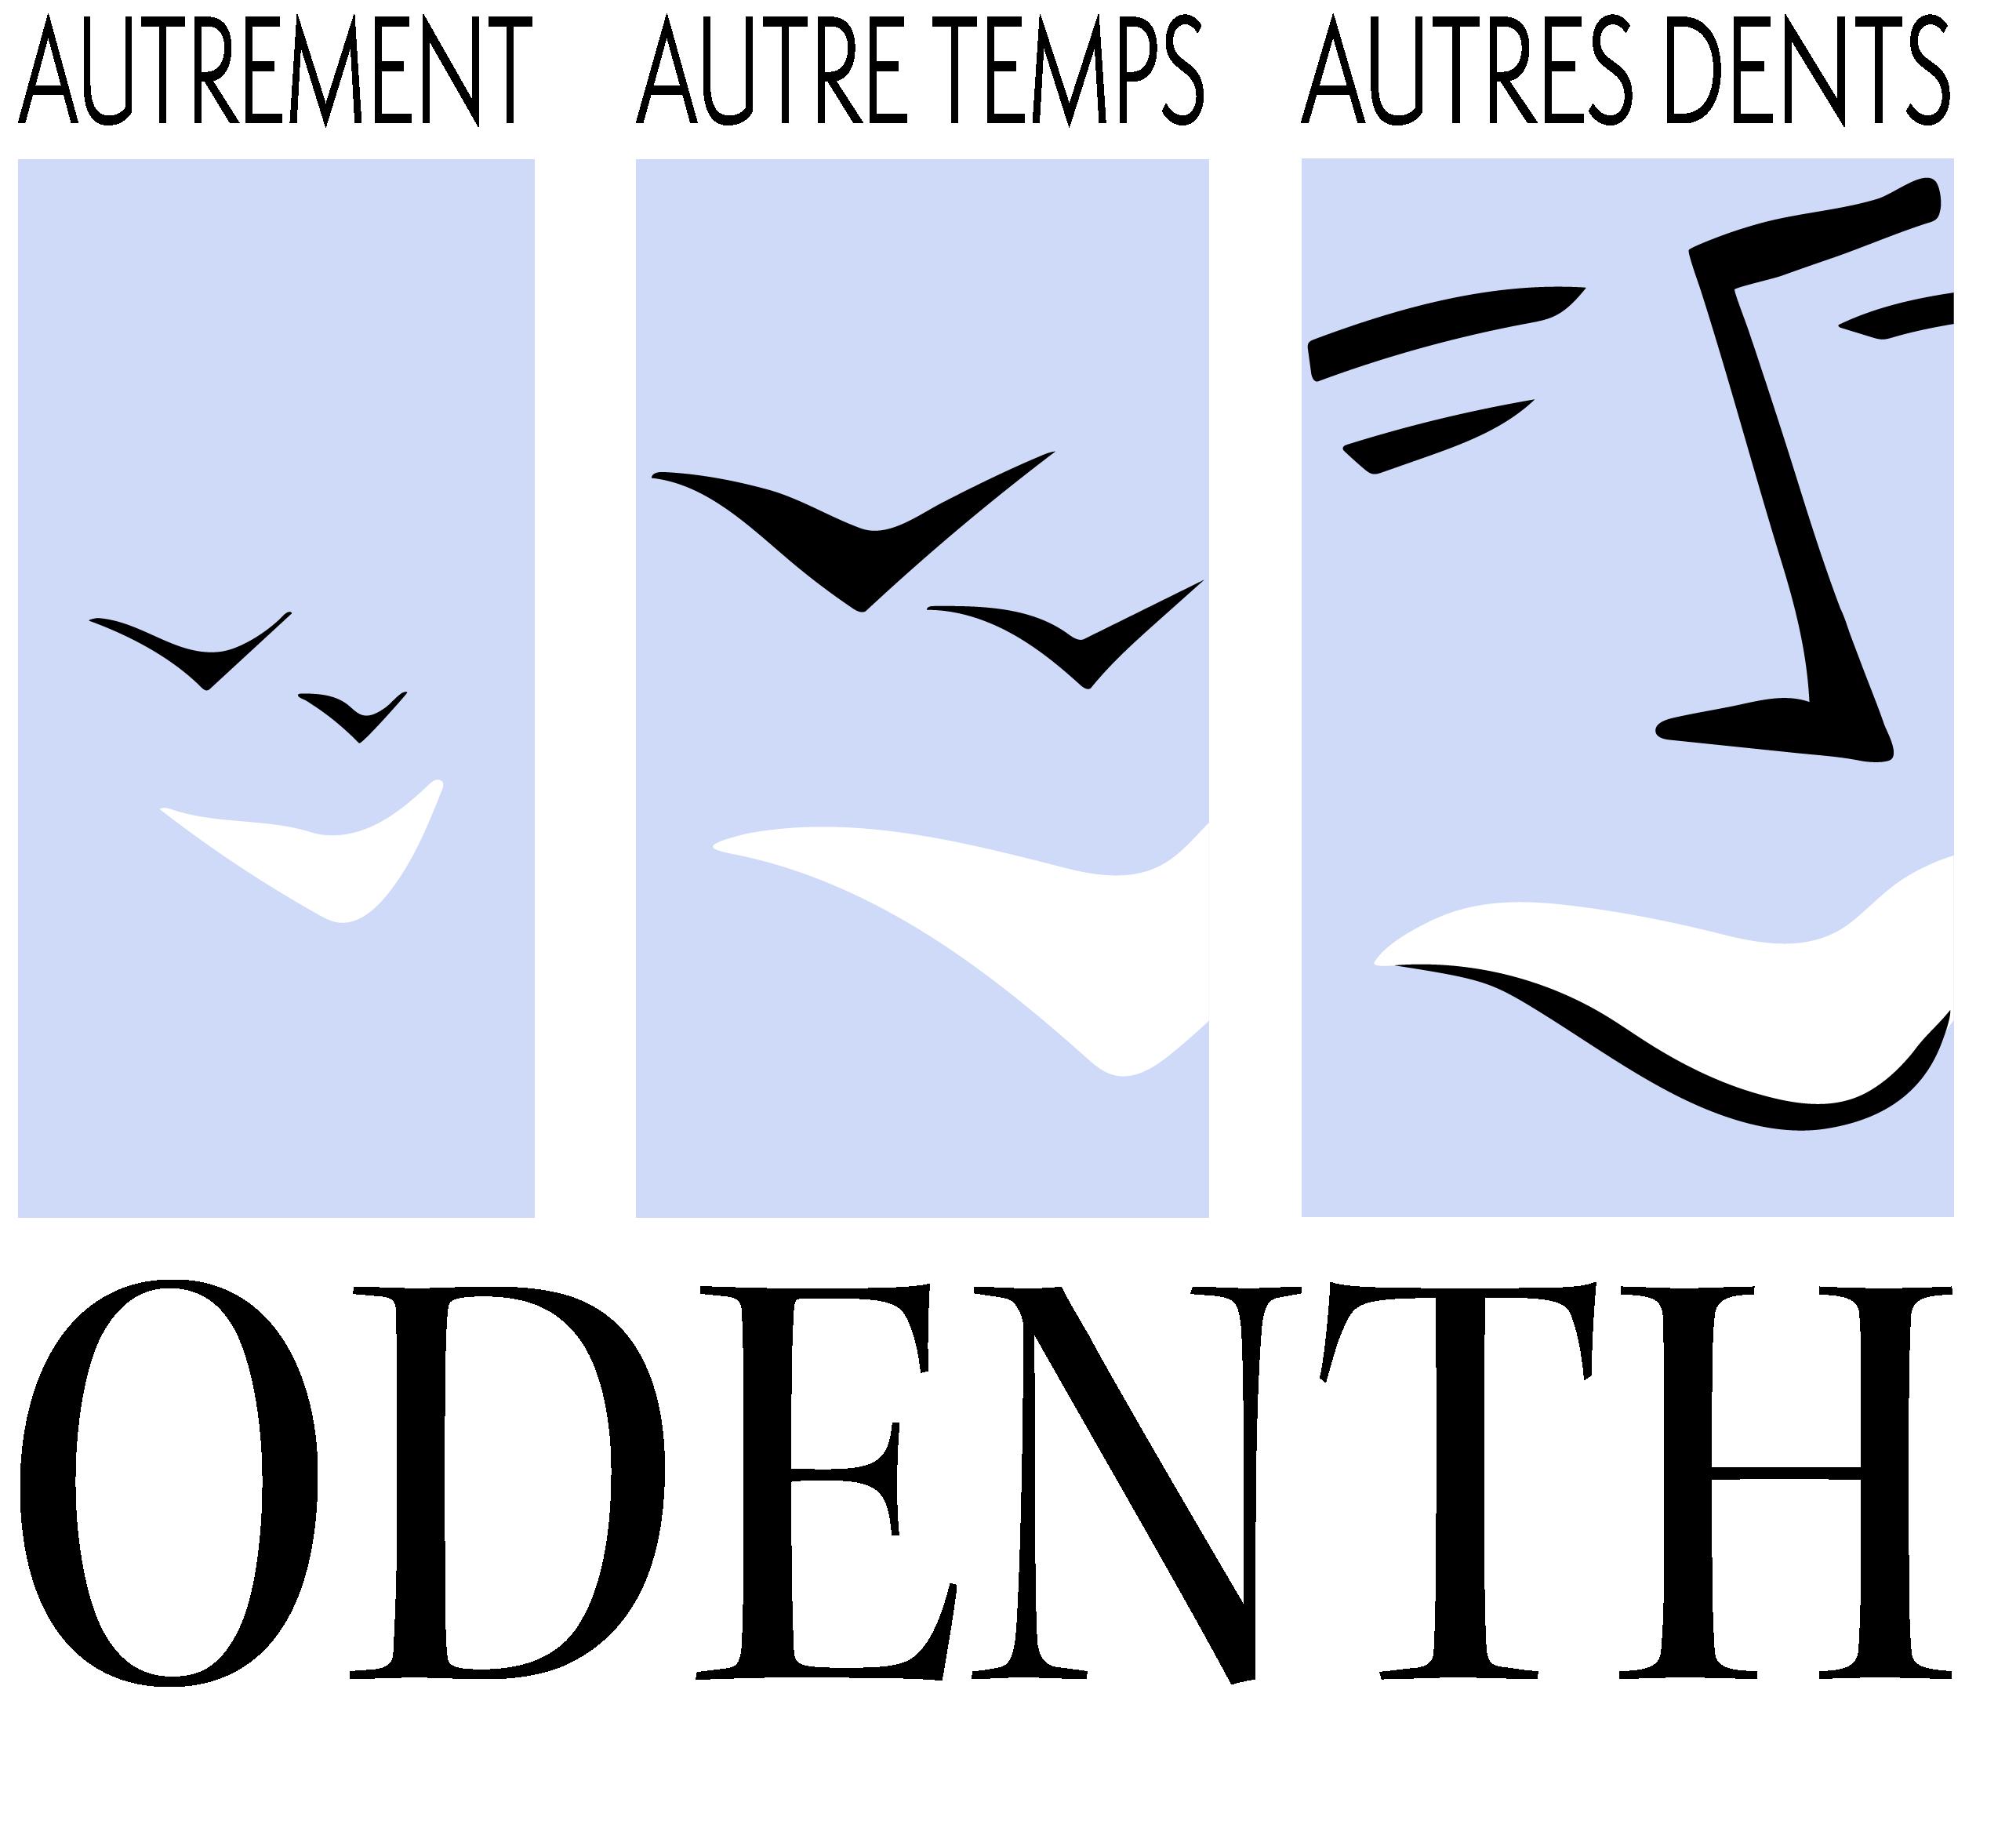 Odontologie Energétique et Thérapeutique